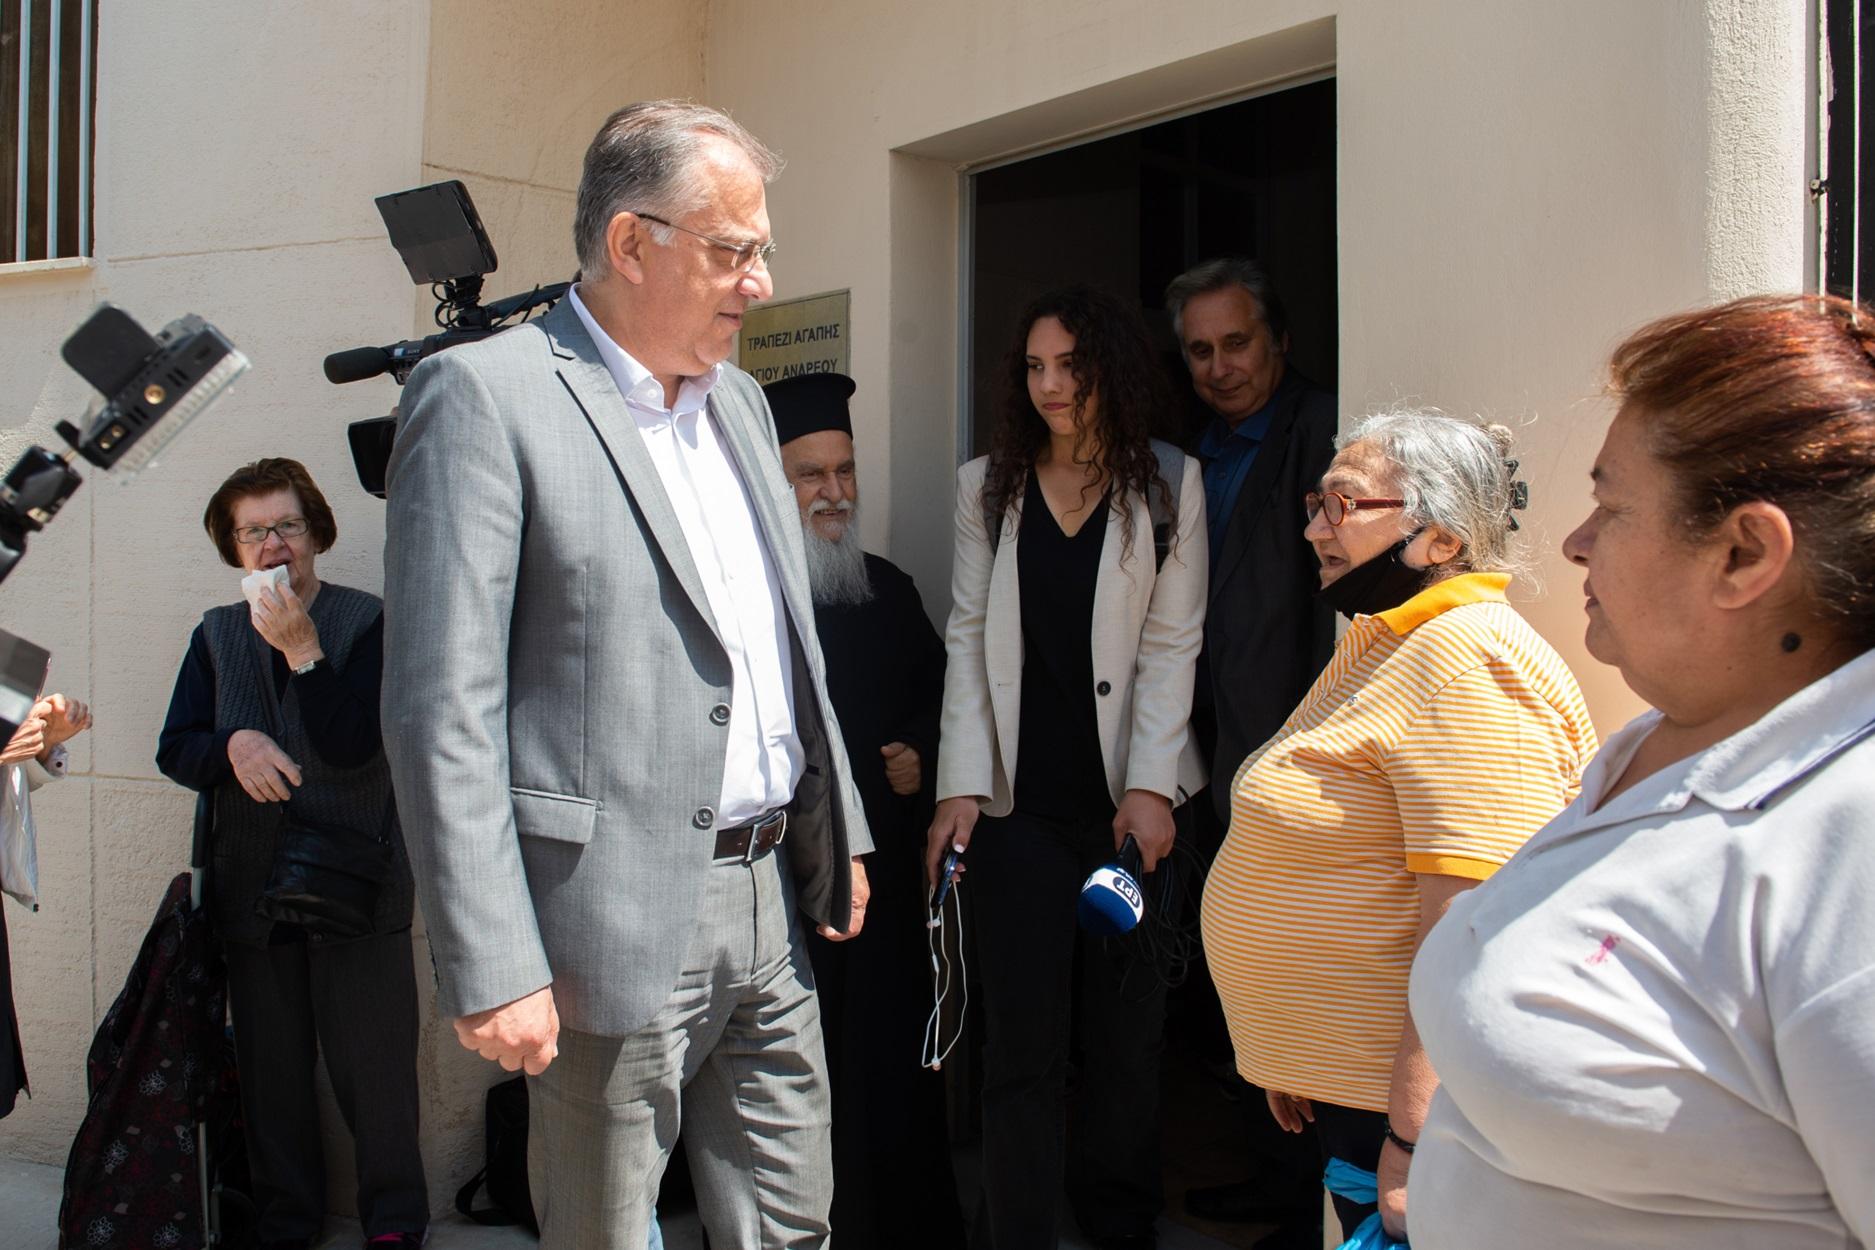 Θεοδωρικάκος: Ούτε ένας πολίτης που έχει ανάγκη δεν θα μείνει αβοήθητος